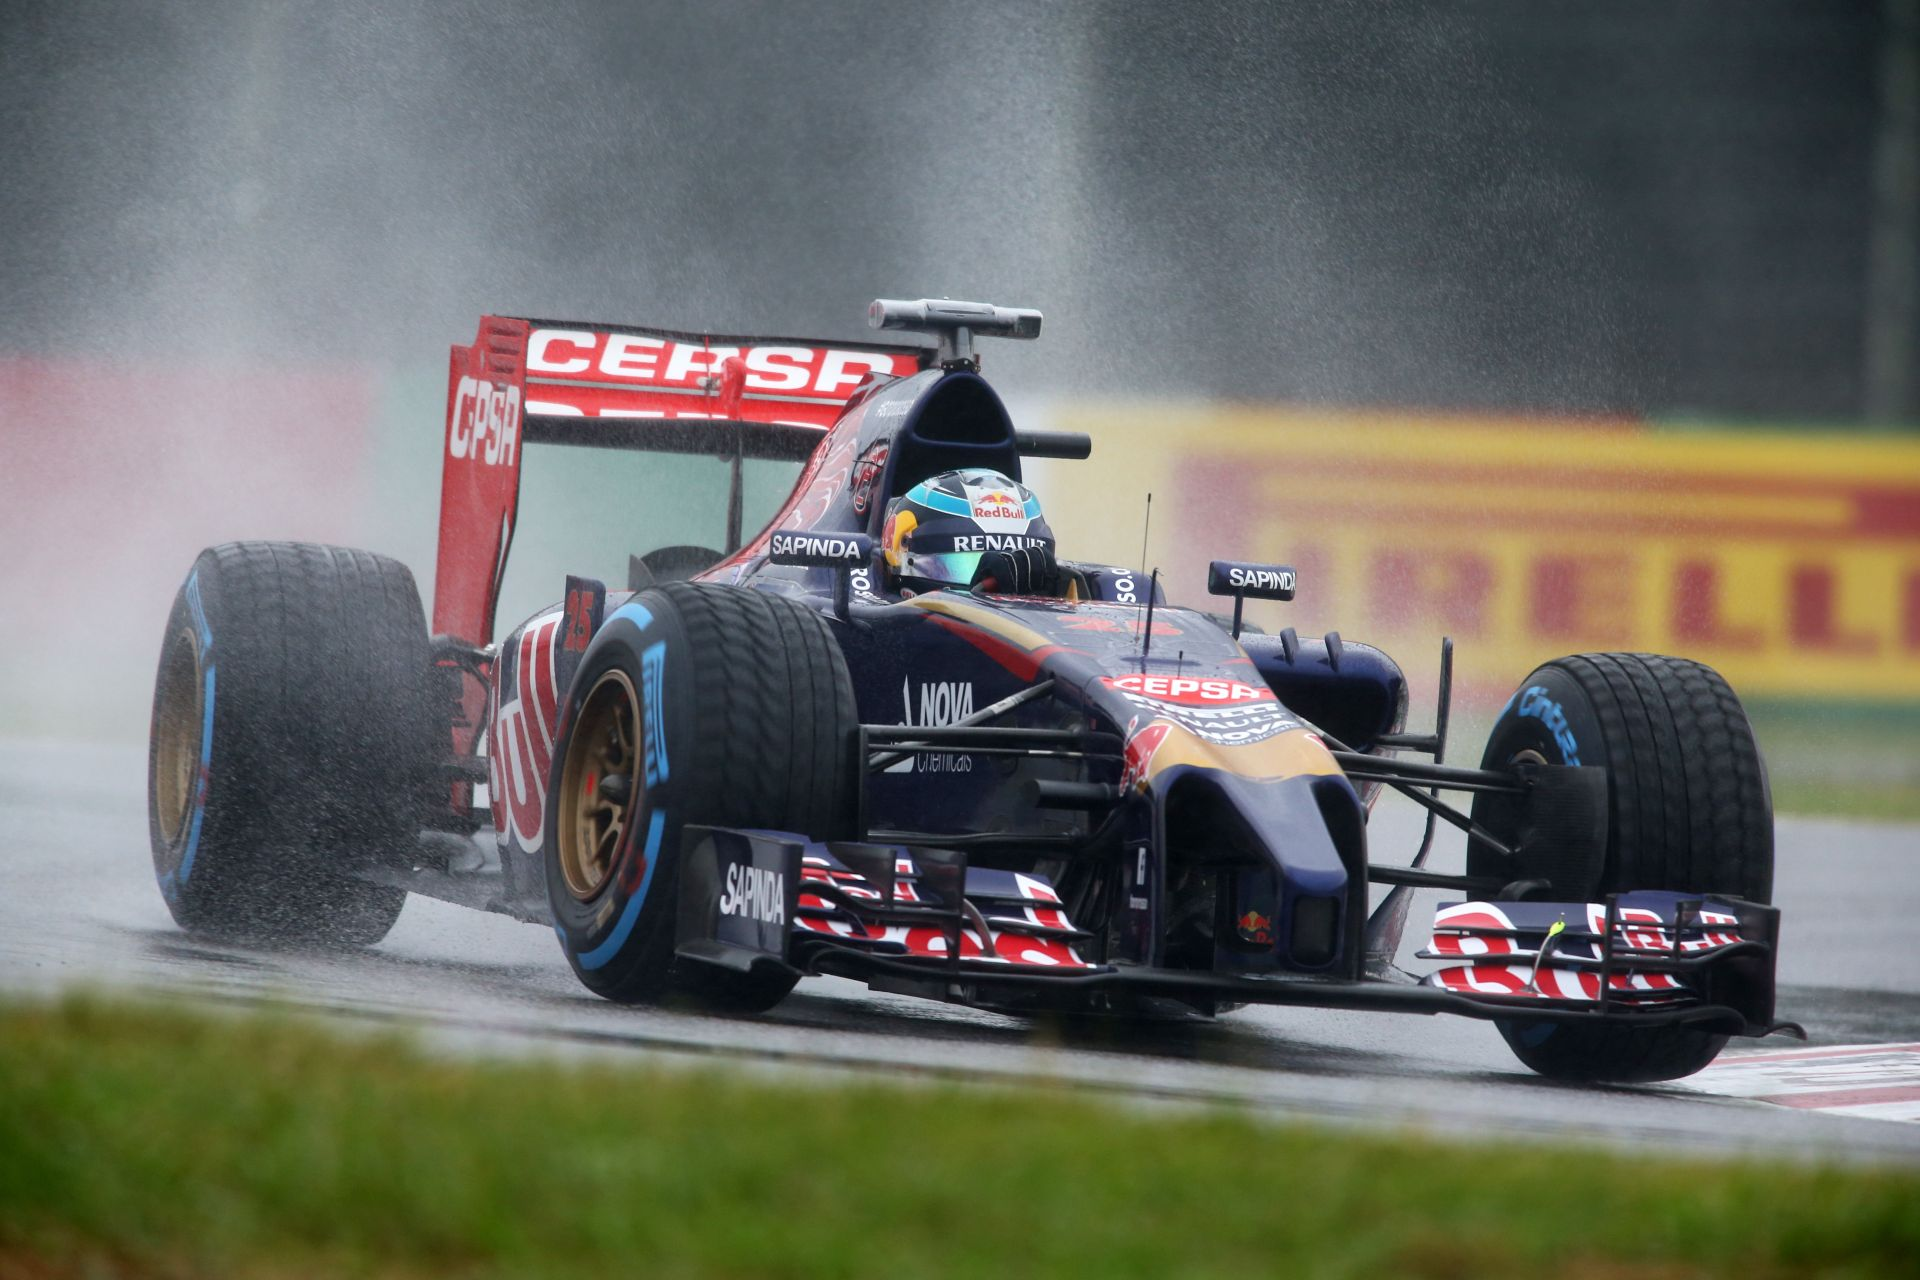 A Red Bull megerősítette, biztosan az egyik junior versenyzőjük lesz a 17 éves Verstappen csapattársa a Toro Rossónál az F1-ben